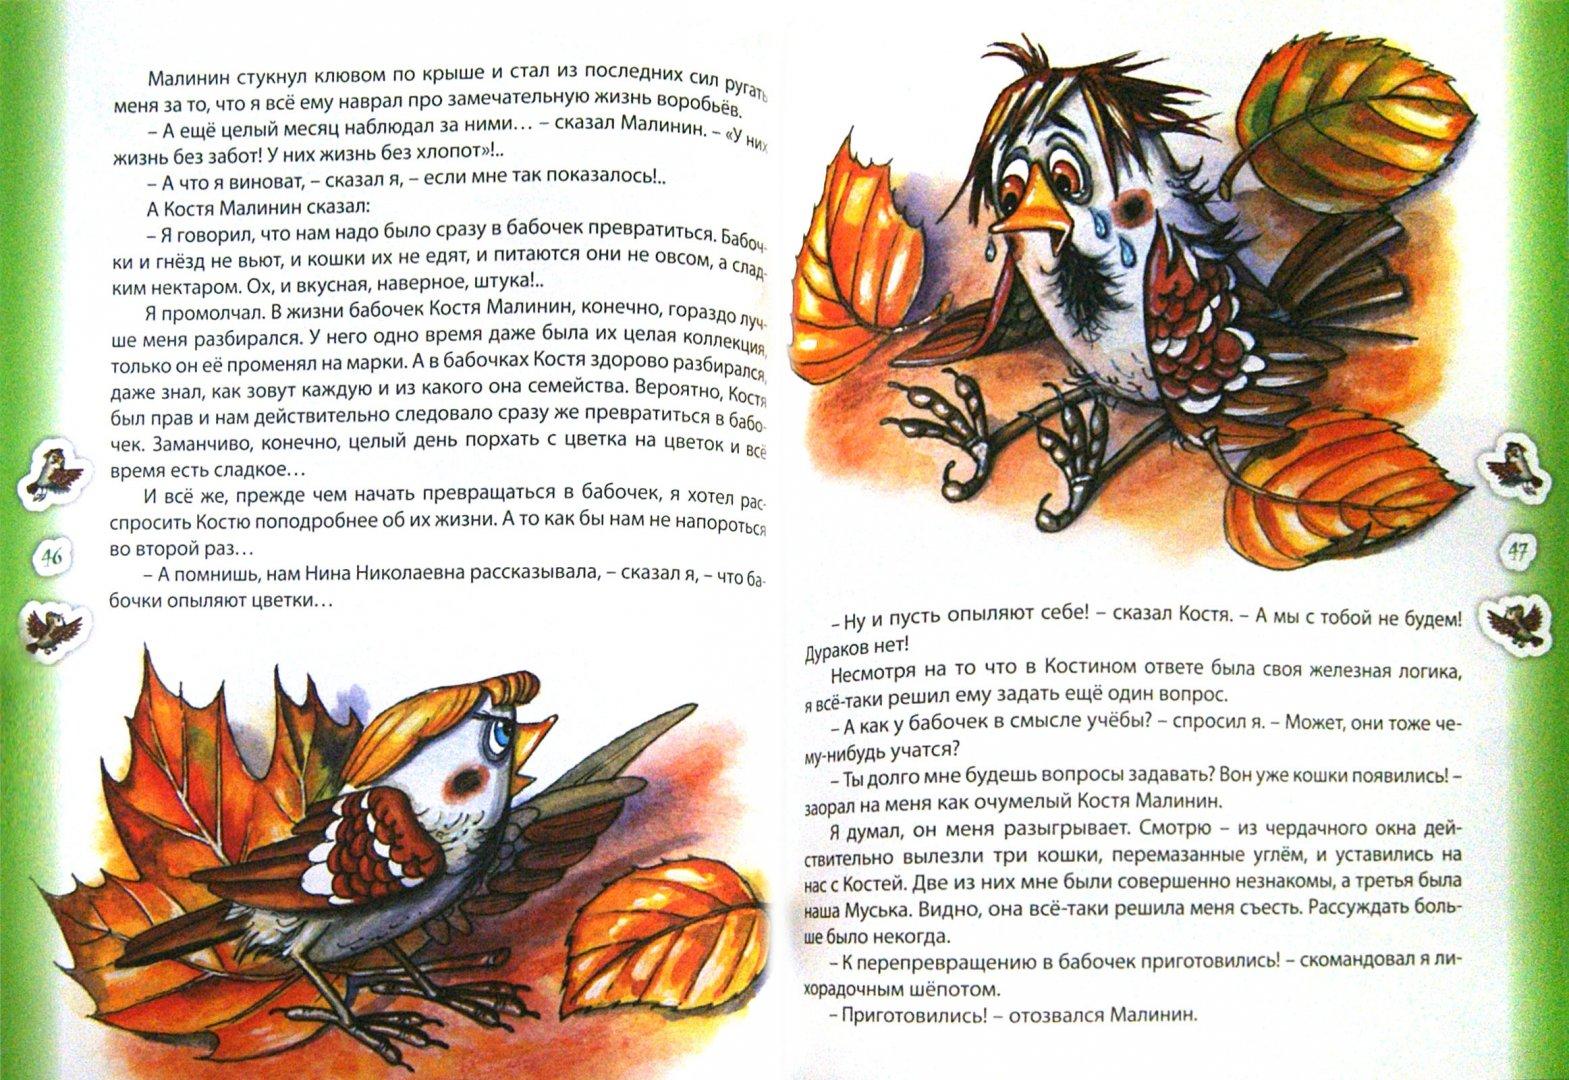 Иллюстрация 1 из 18 для Баранкин, будь человеком! - Валерий Медведев   Лабиринт - книги. Источник: Лабиринт